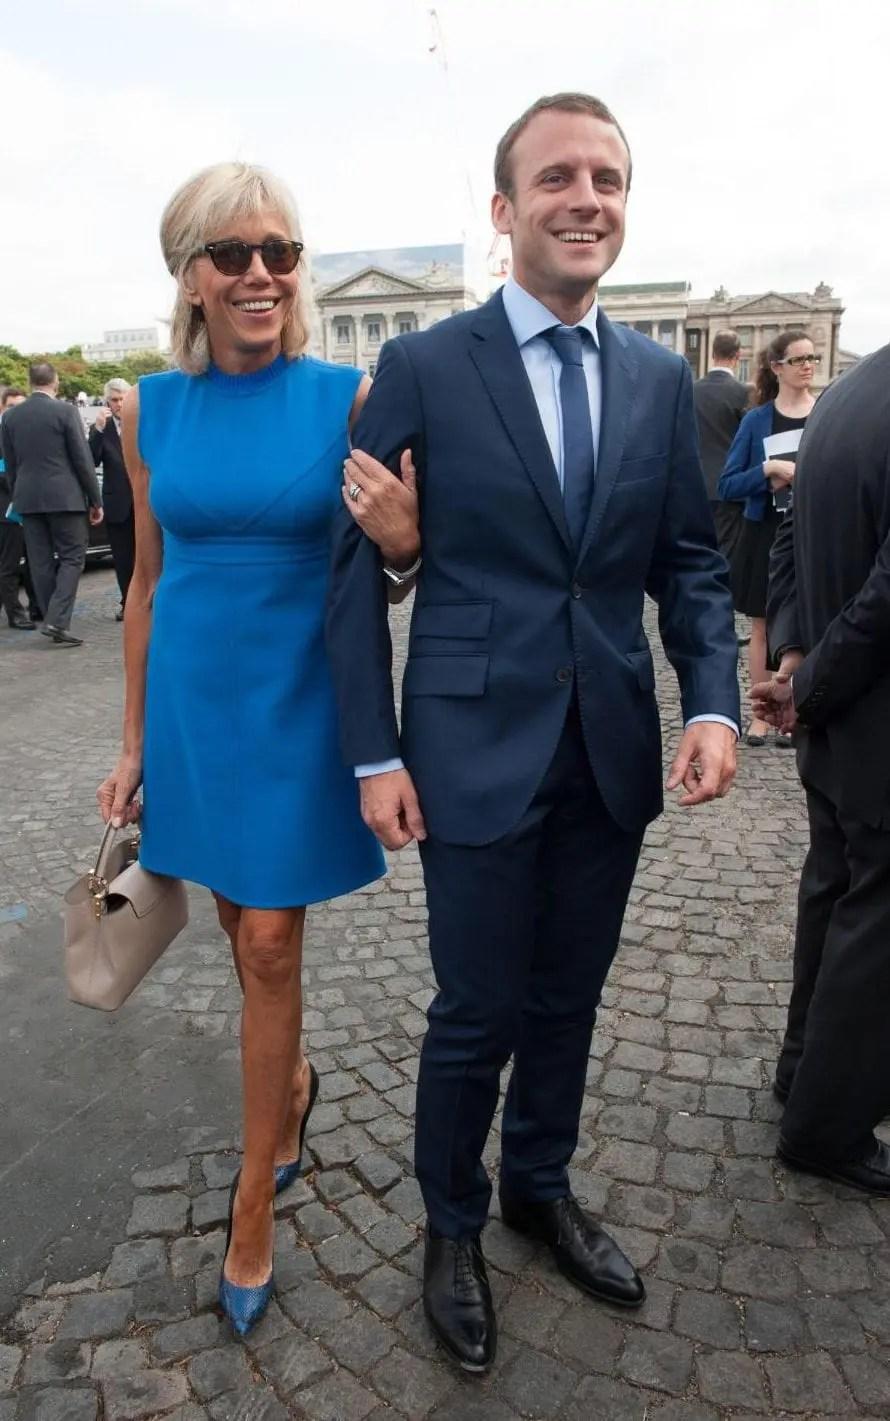 Runway-Magazine-Royal-Presidential-France-Fashion-First-Lady